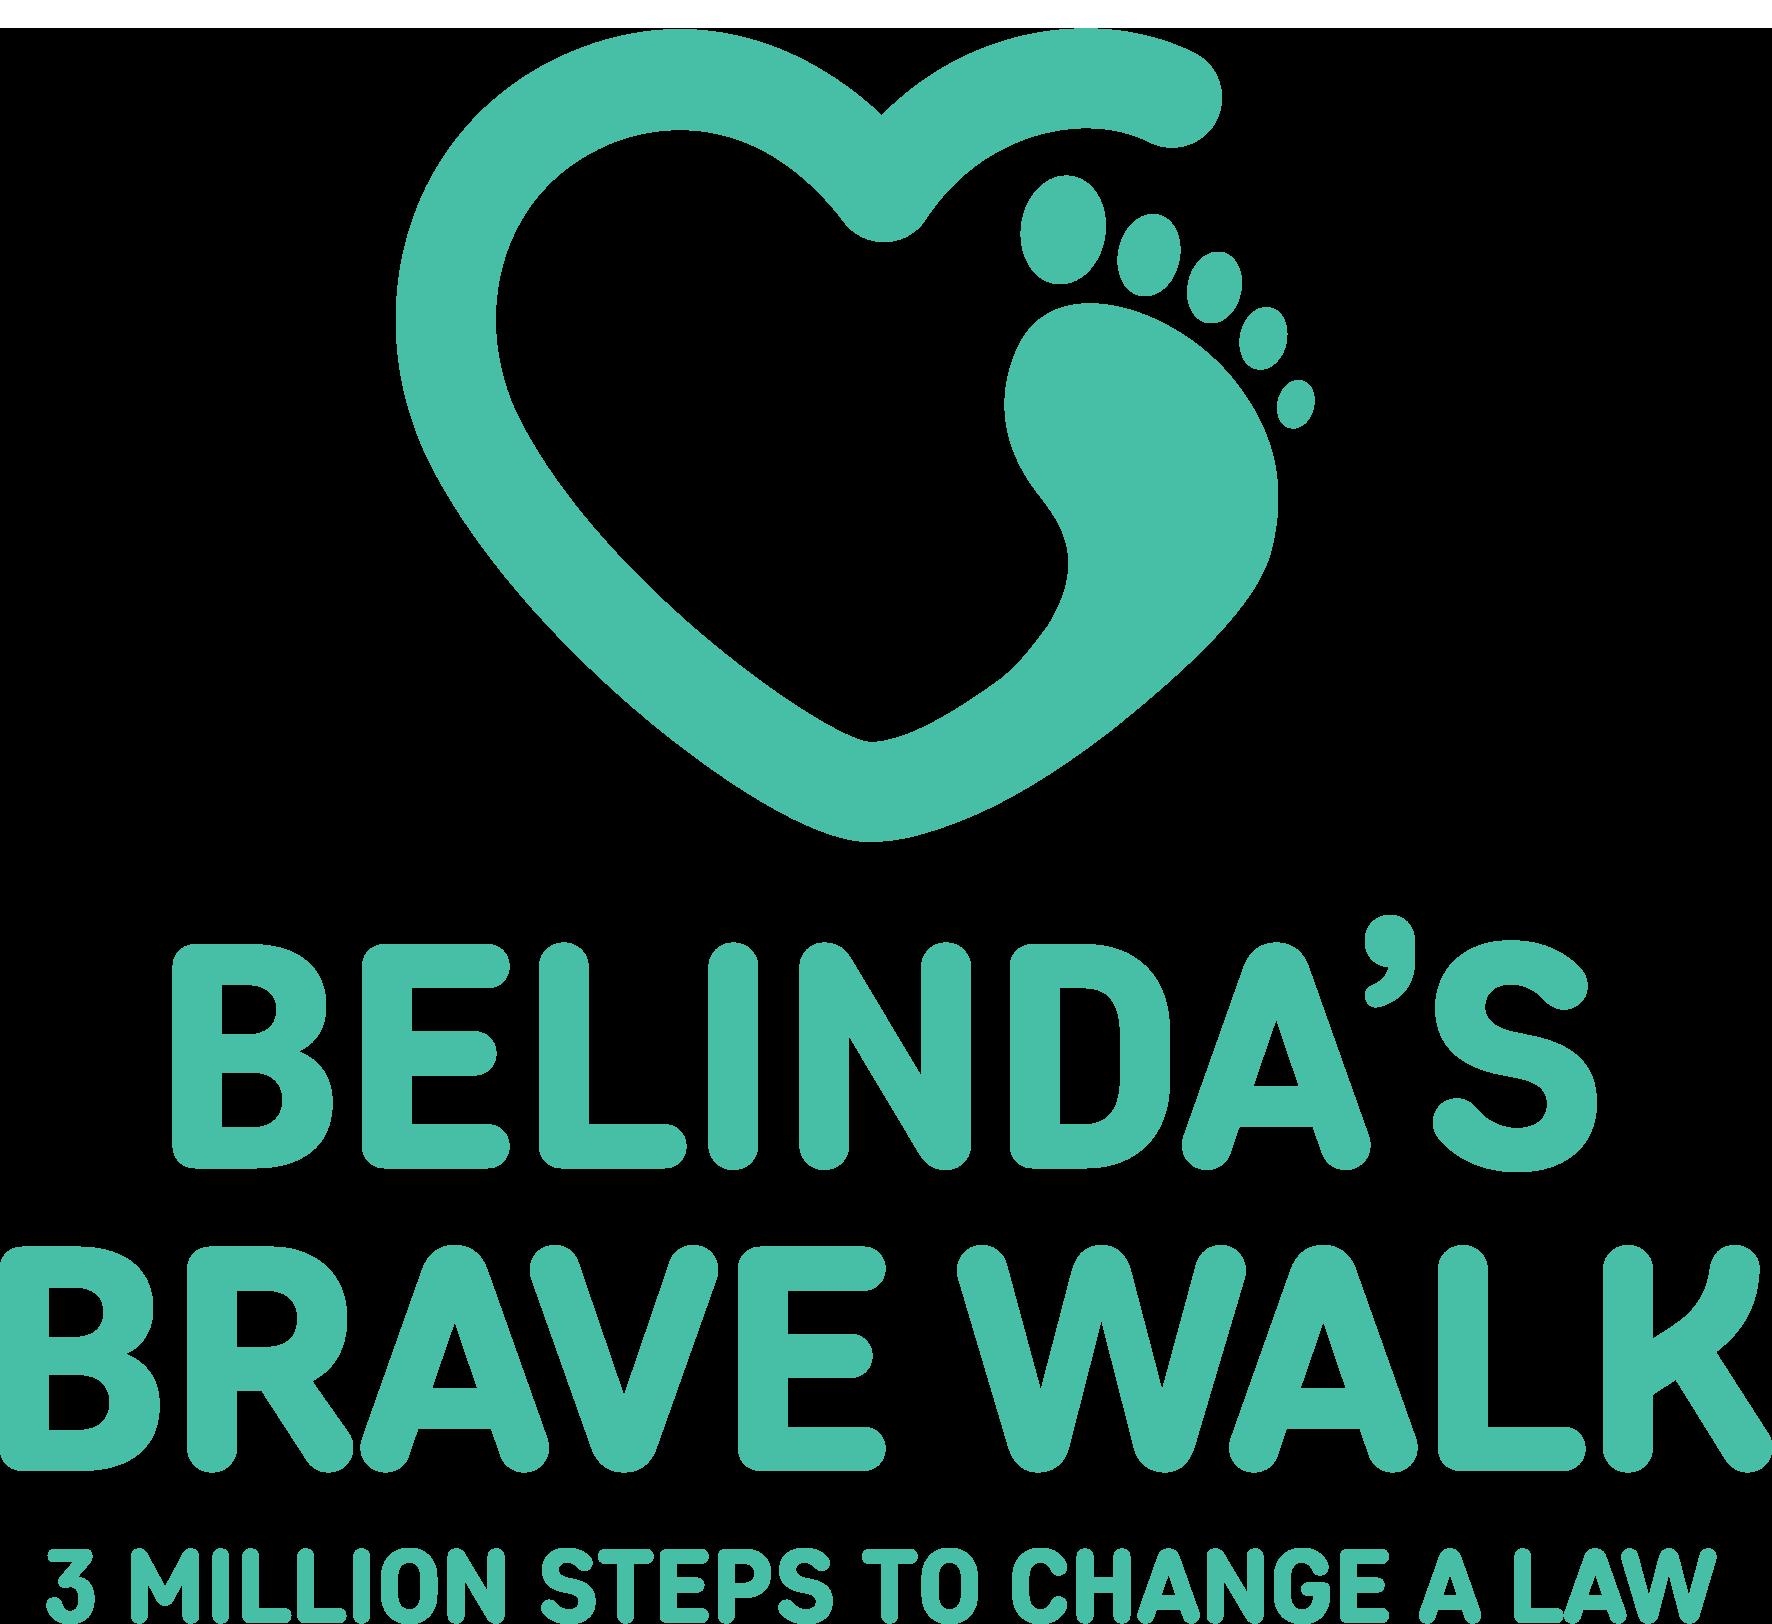 Belinda's Brave Walk